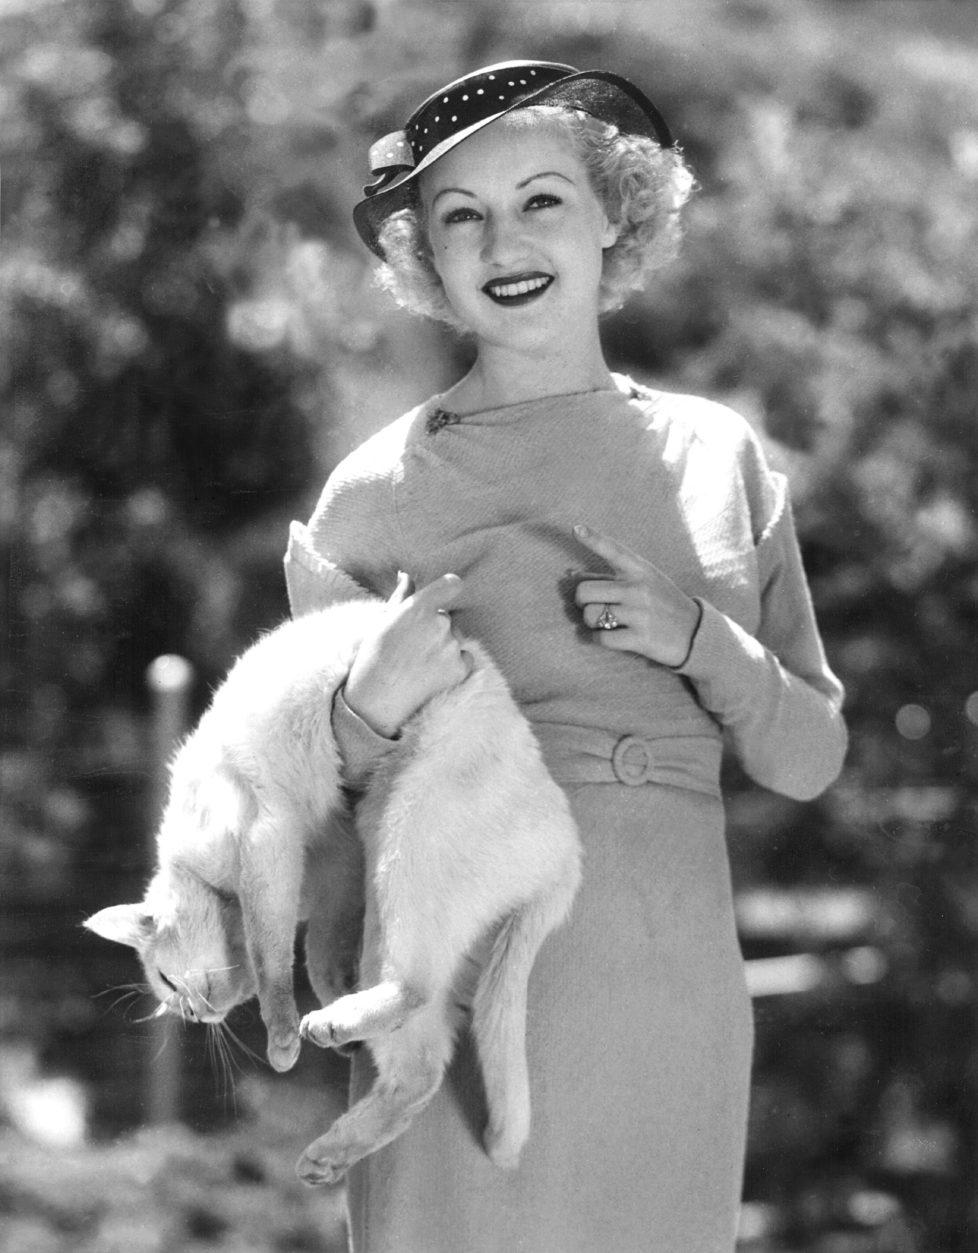 """Whitey shows Betty Grable how he can """"play dead"""", 1935. (KEYSTONE/Everett Collection/) IM BILD / BILDSEITE LIEBEN MICH MEINE KATZEN BUND 23.7. TAGI 26.7."""